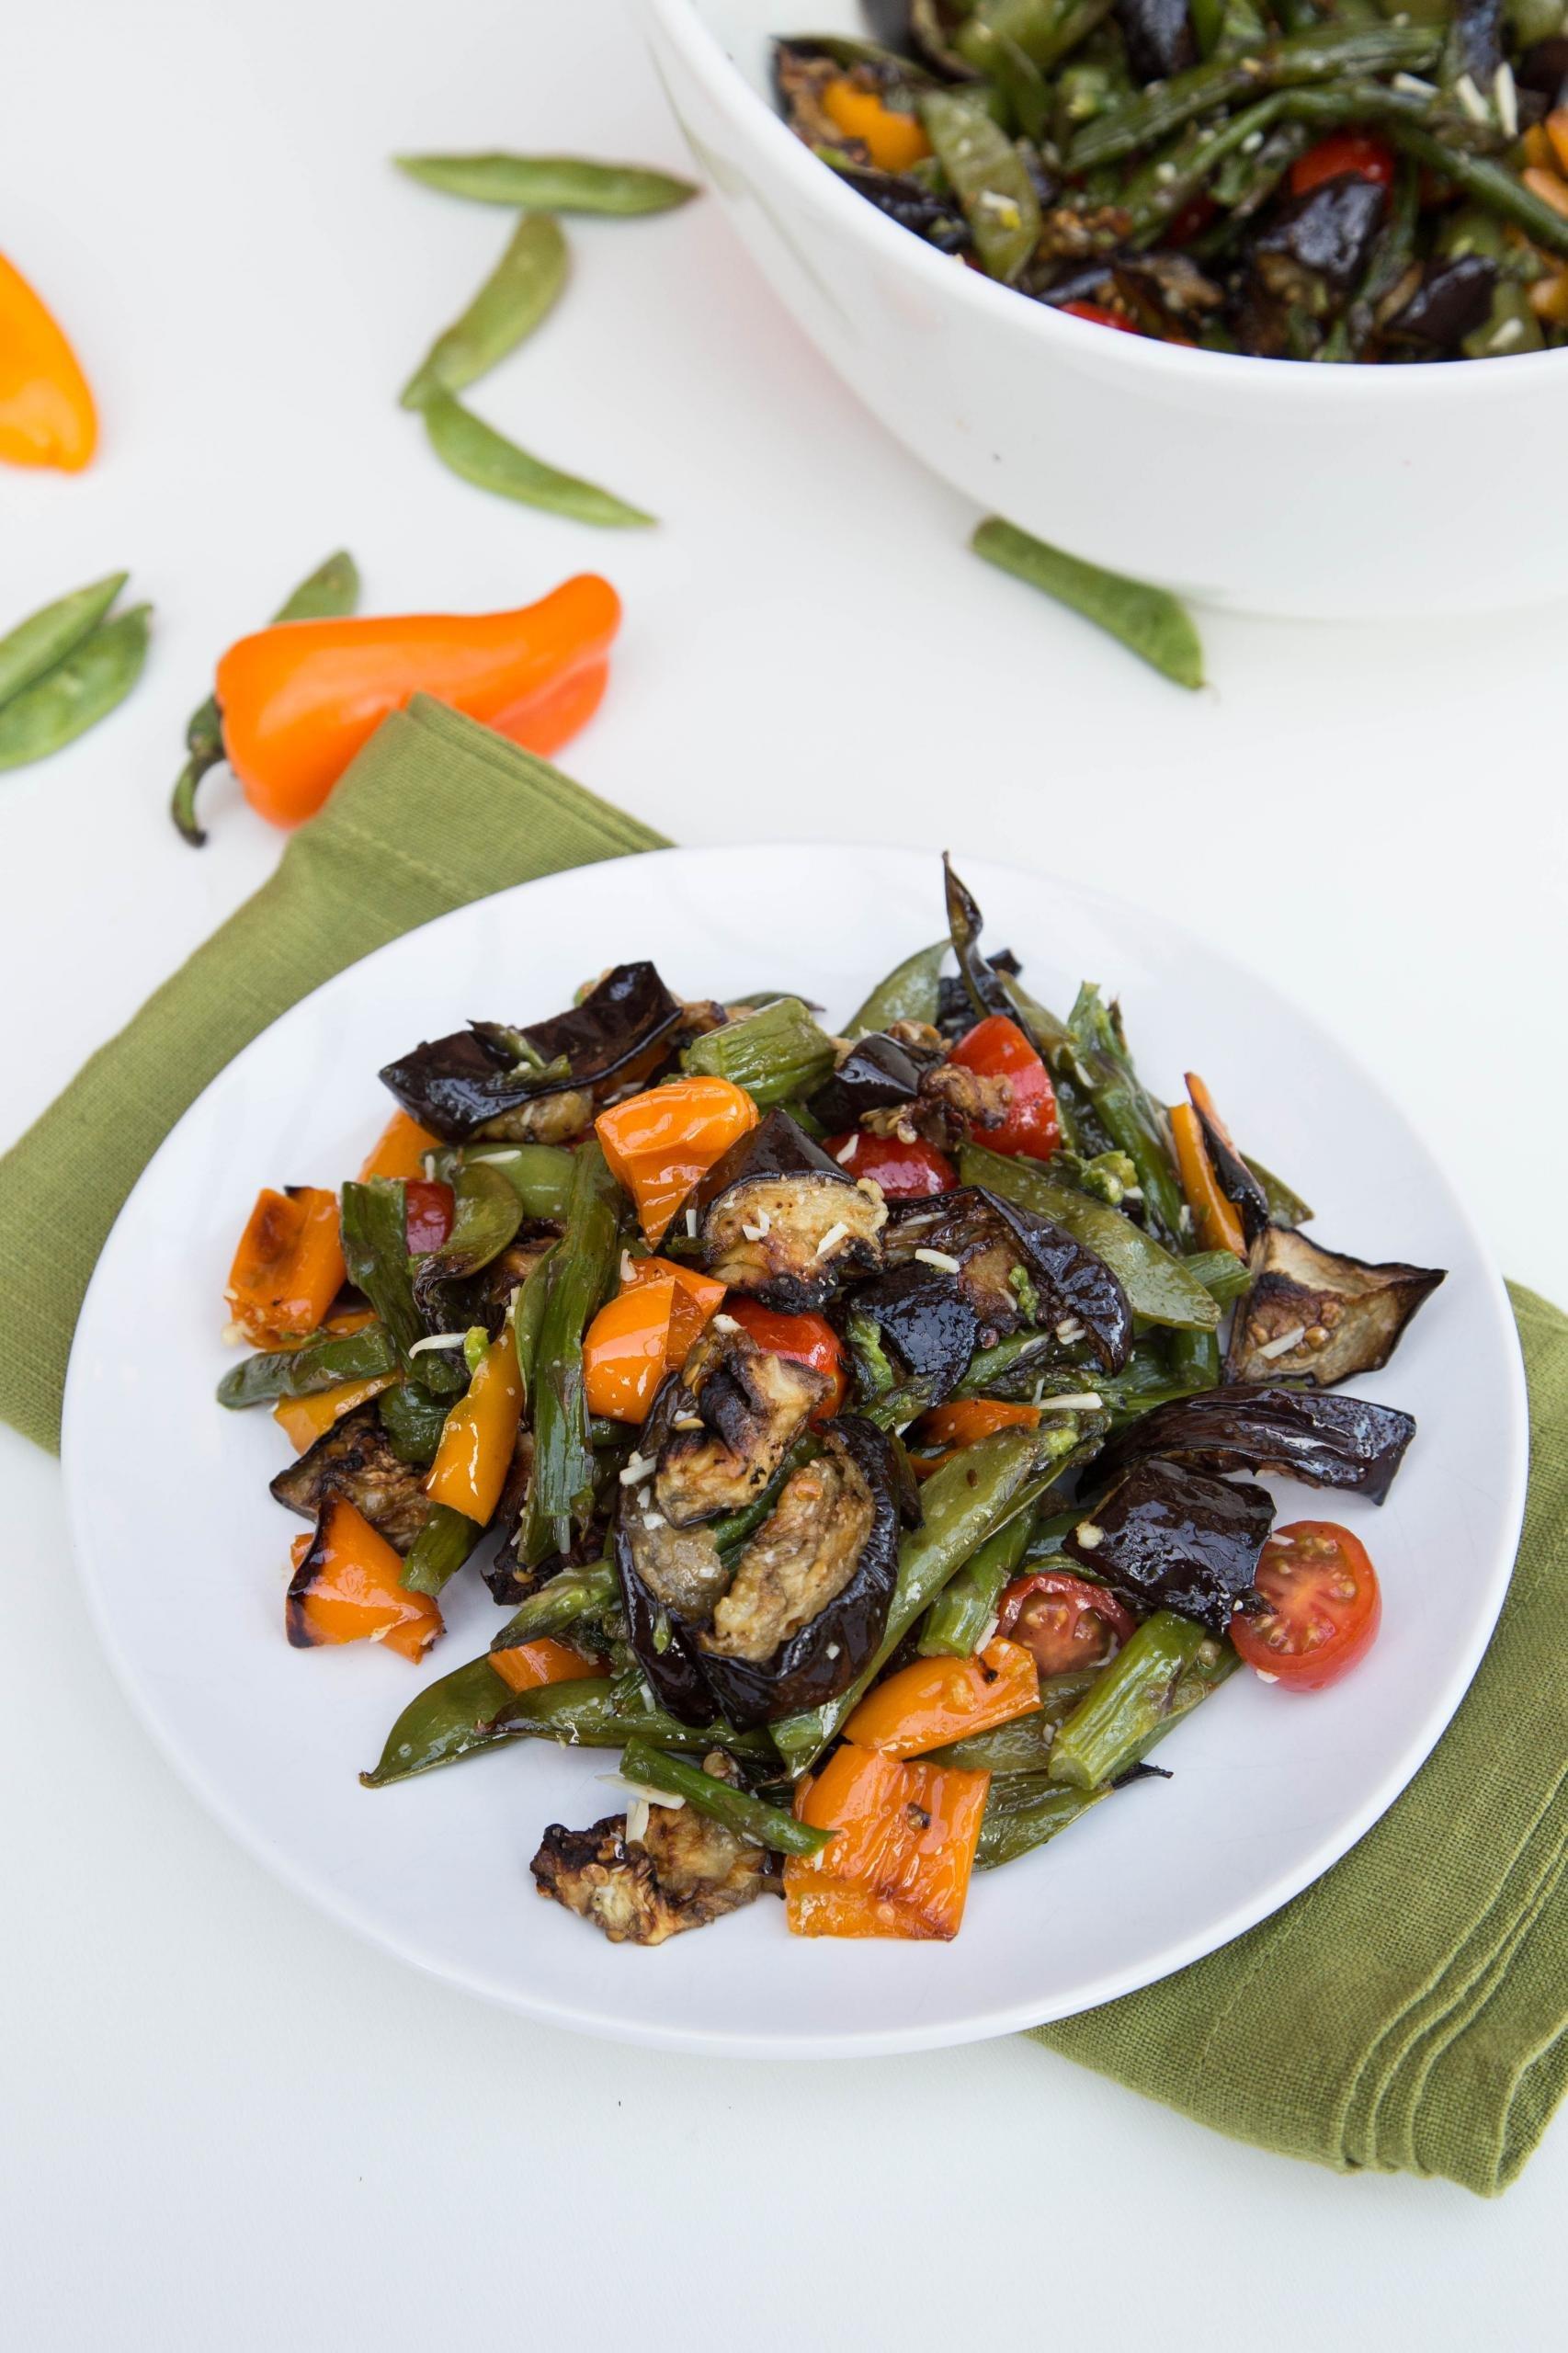 Roasted Vegetable Salad on a plate